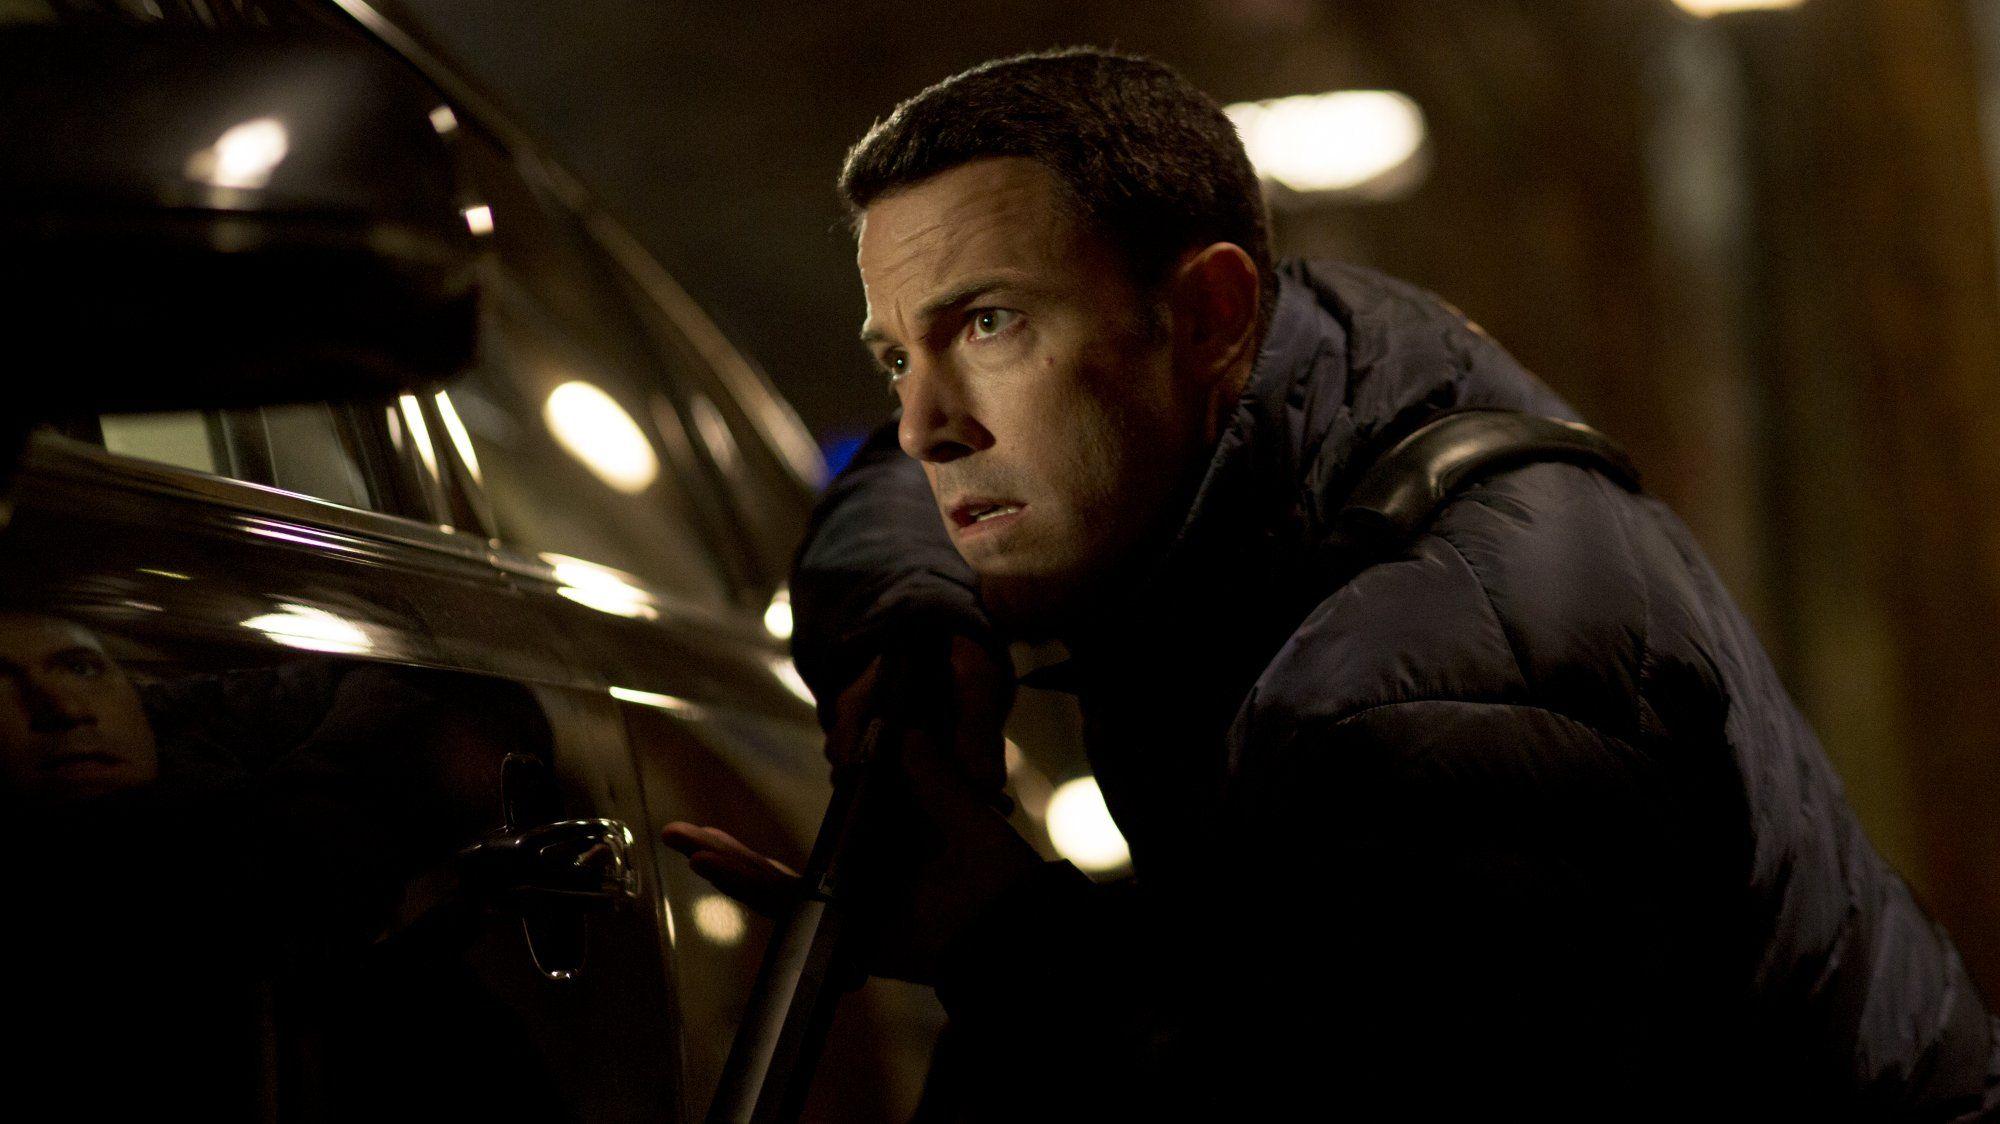 The Accountant |  trama |  cast e curiosità del thriller con Ben Affleck